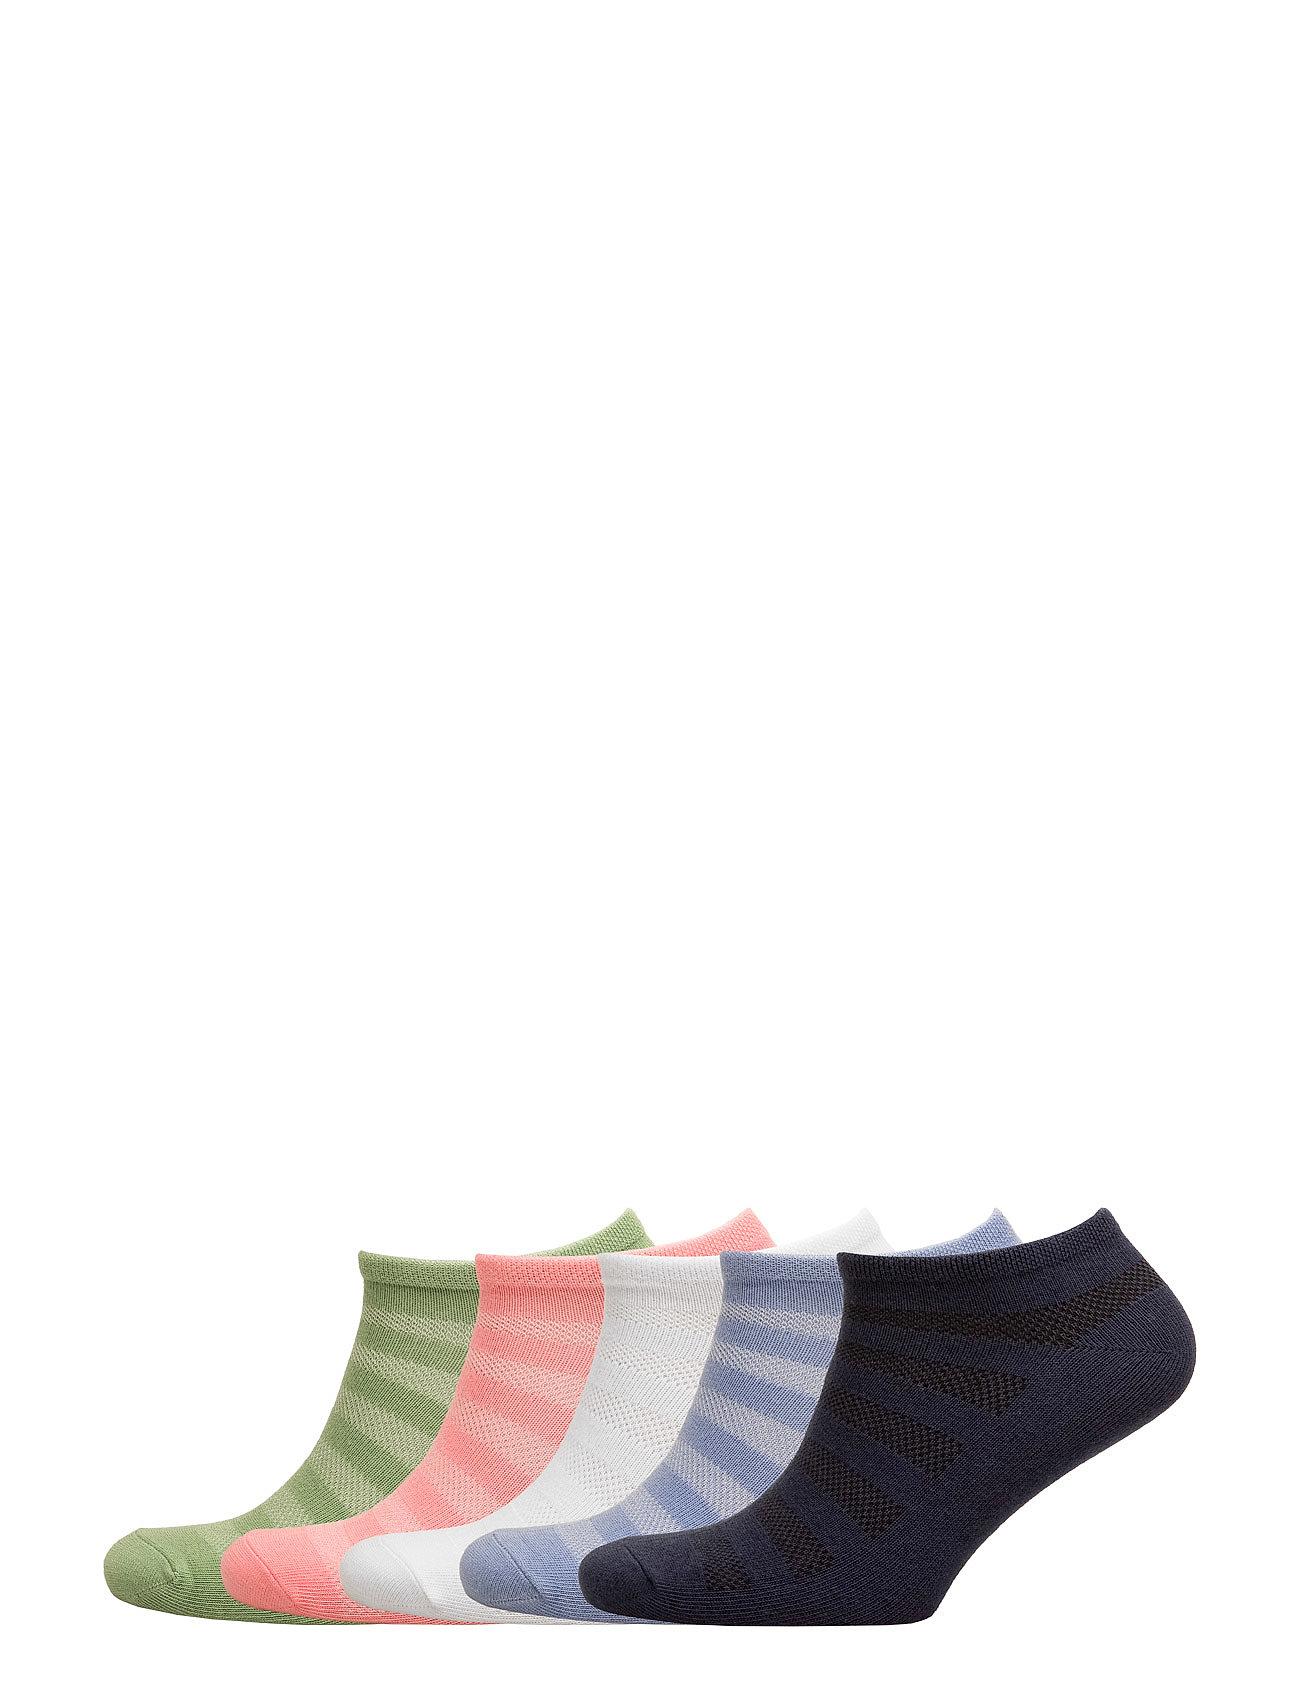 rã¶hnisch – 5-pack socks fra boozt.com dk